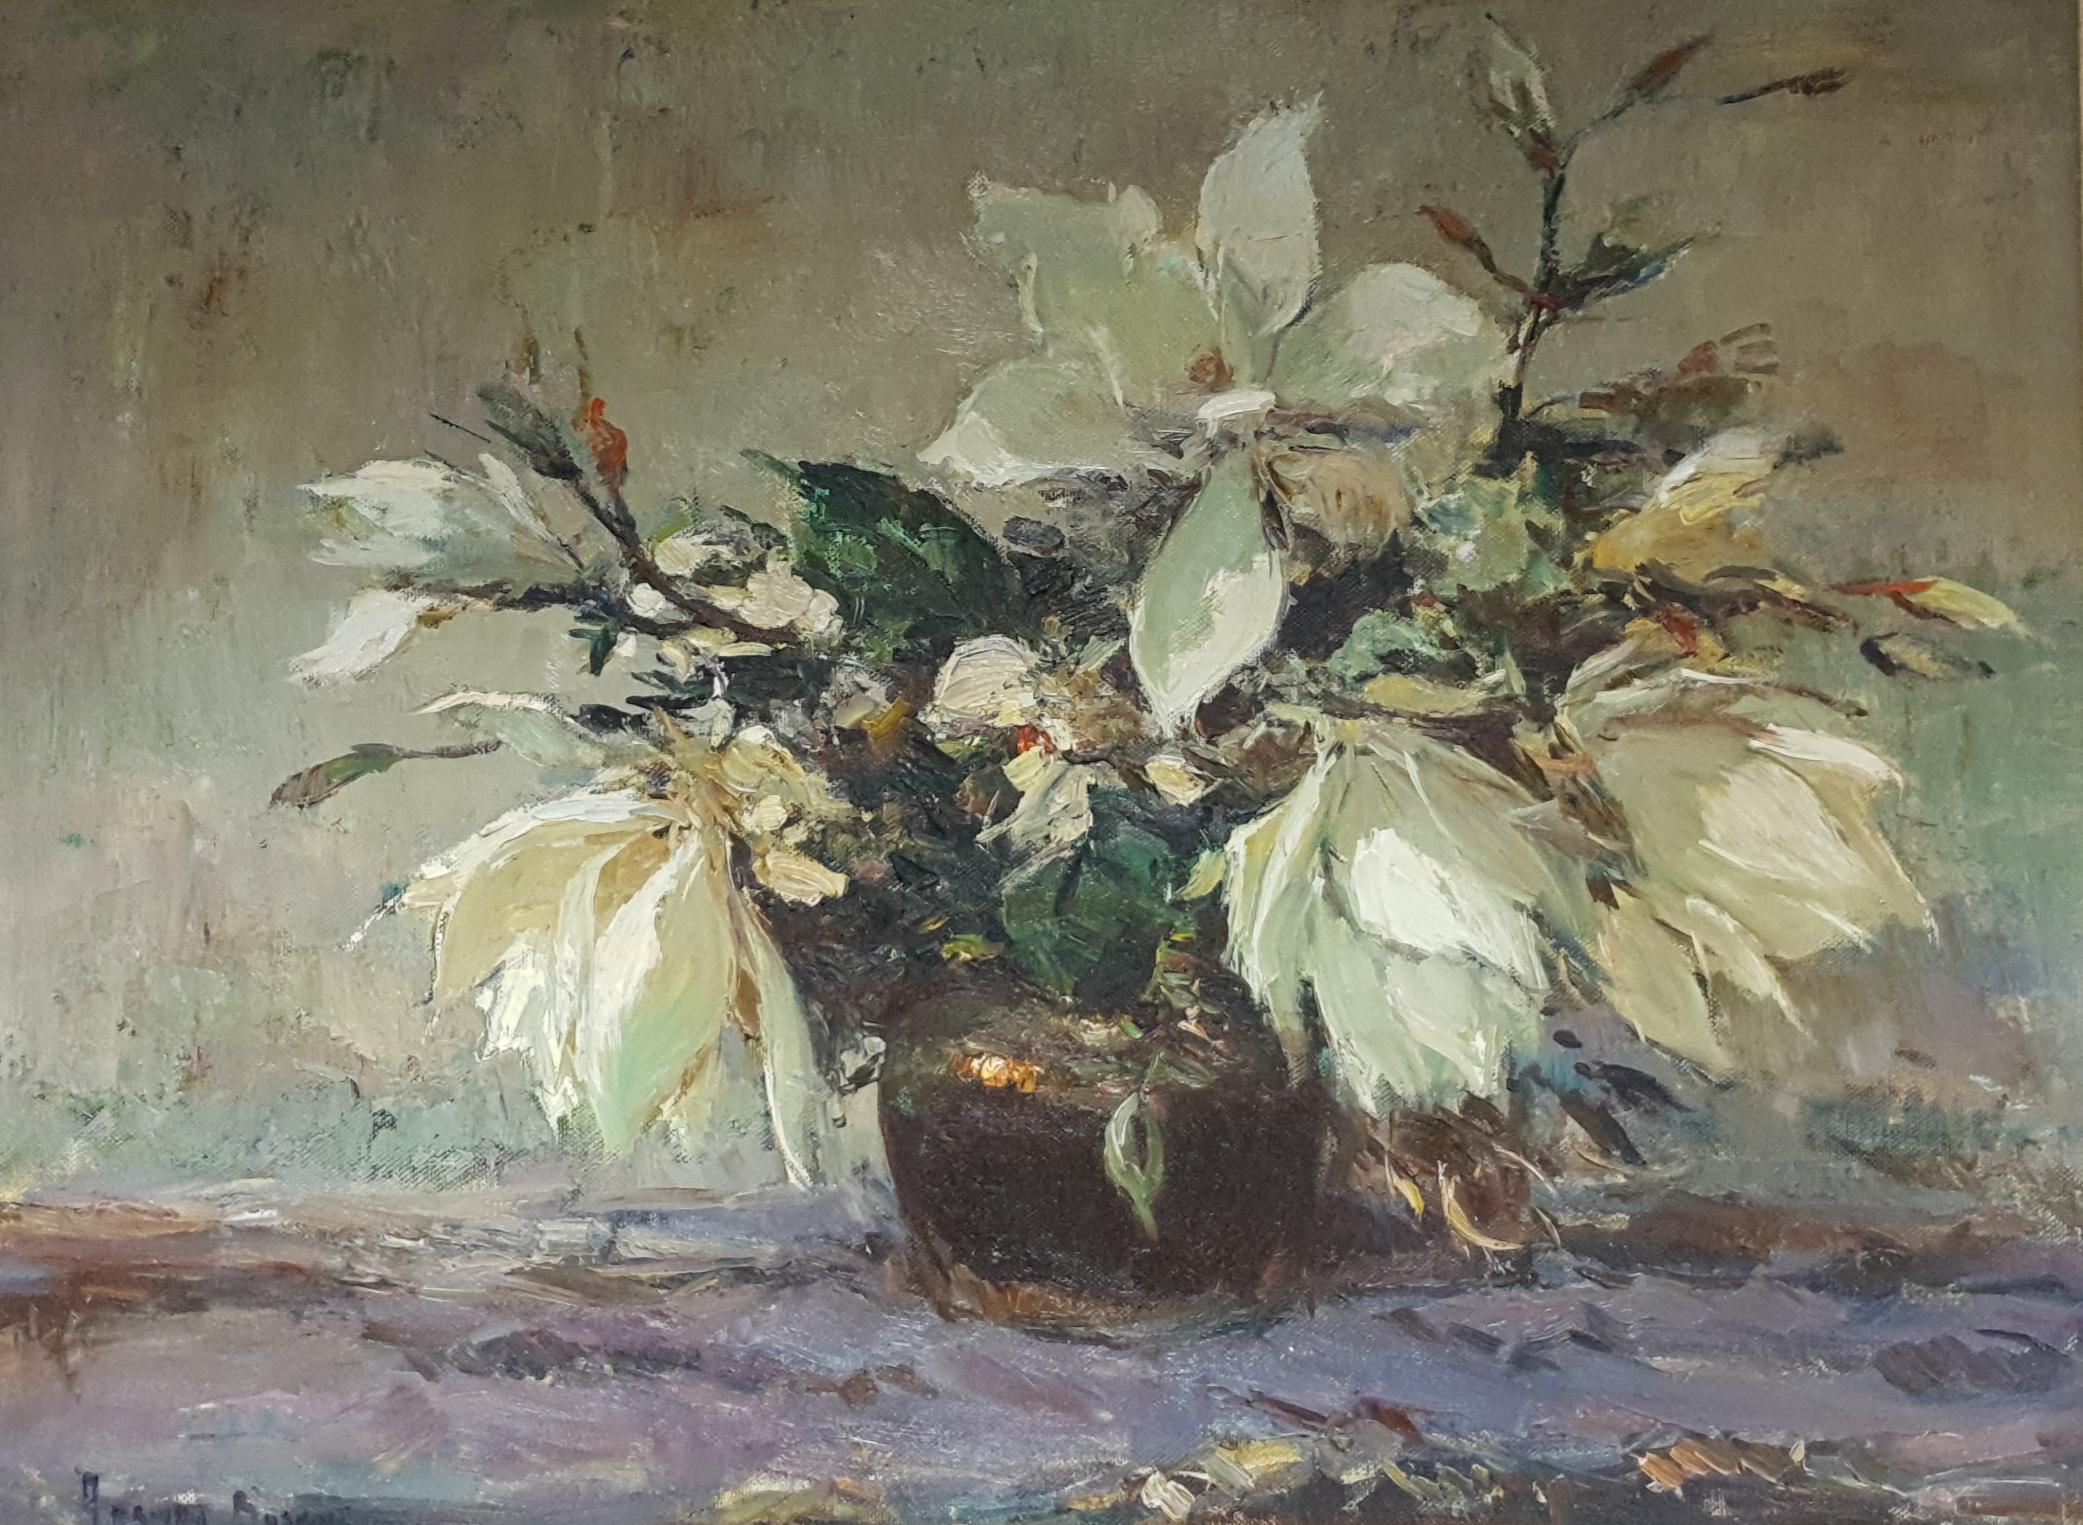 adriaan boshoff magnolias